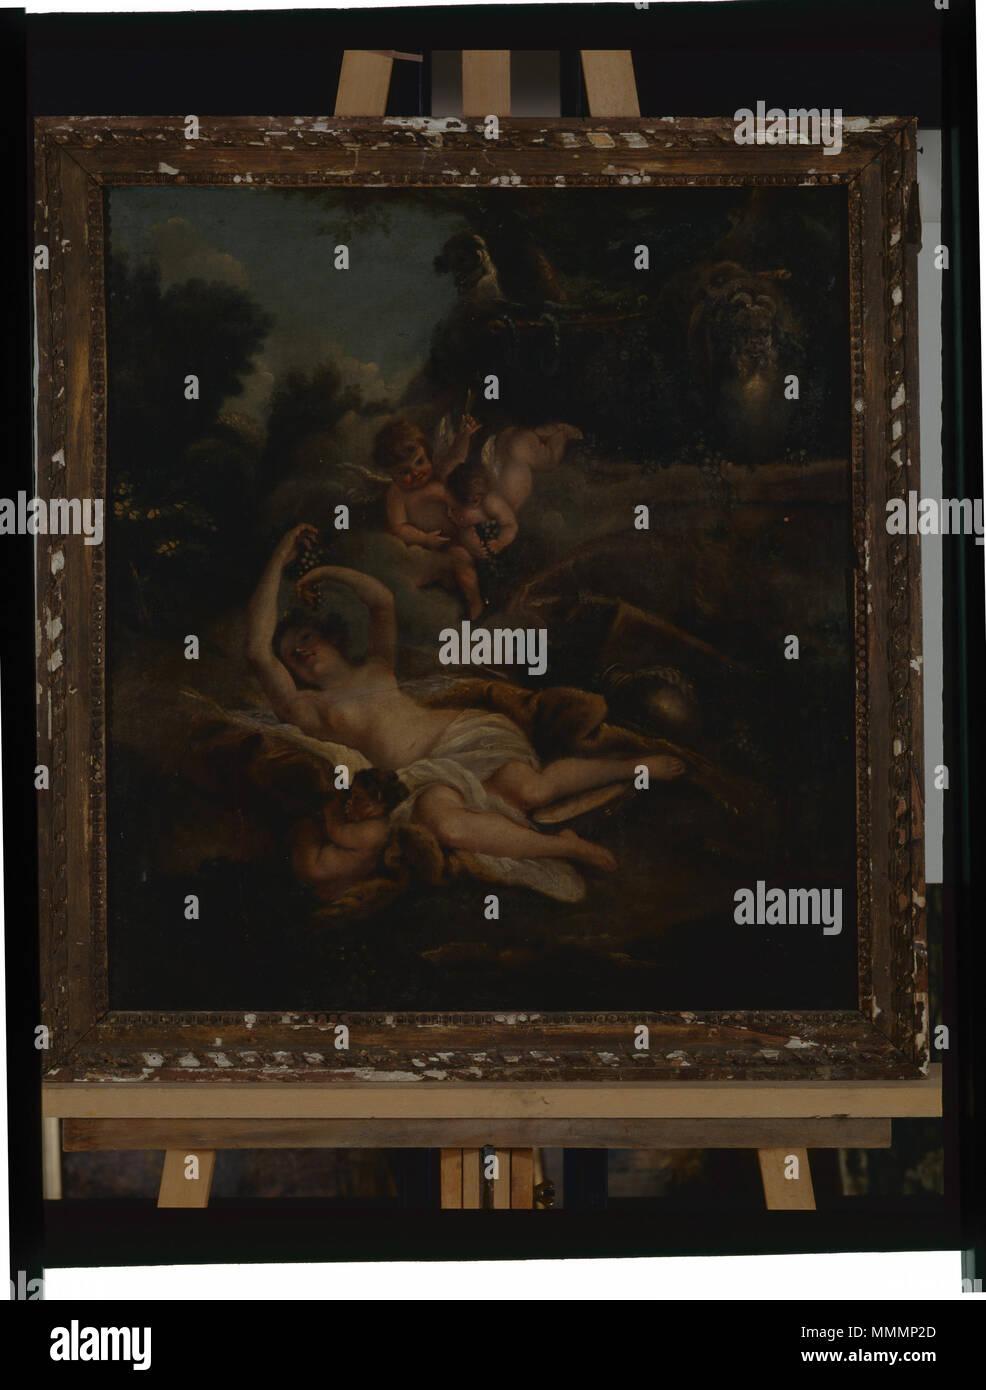 Femme nue couchée - anonyme - Musée d'art et d'histoire de Saint-Brieuc, 228 Foto de stock